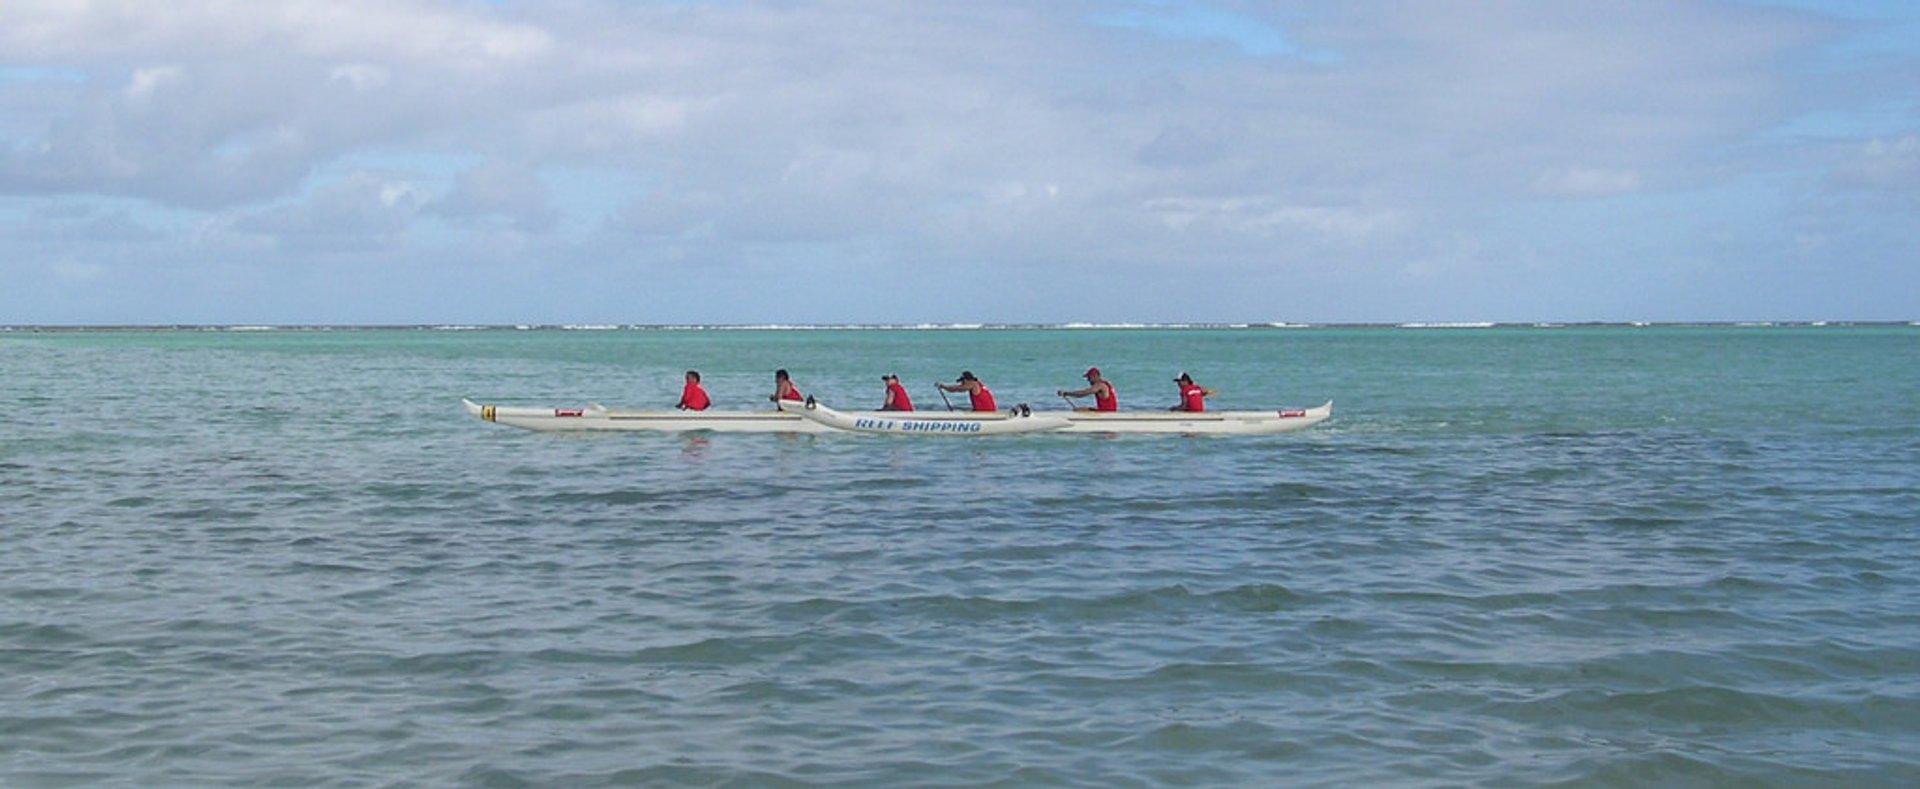 Vaka Eiva in Rarotonga & Cook Islands - Best Time